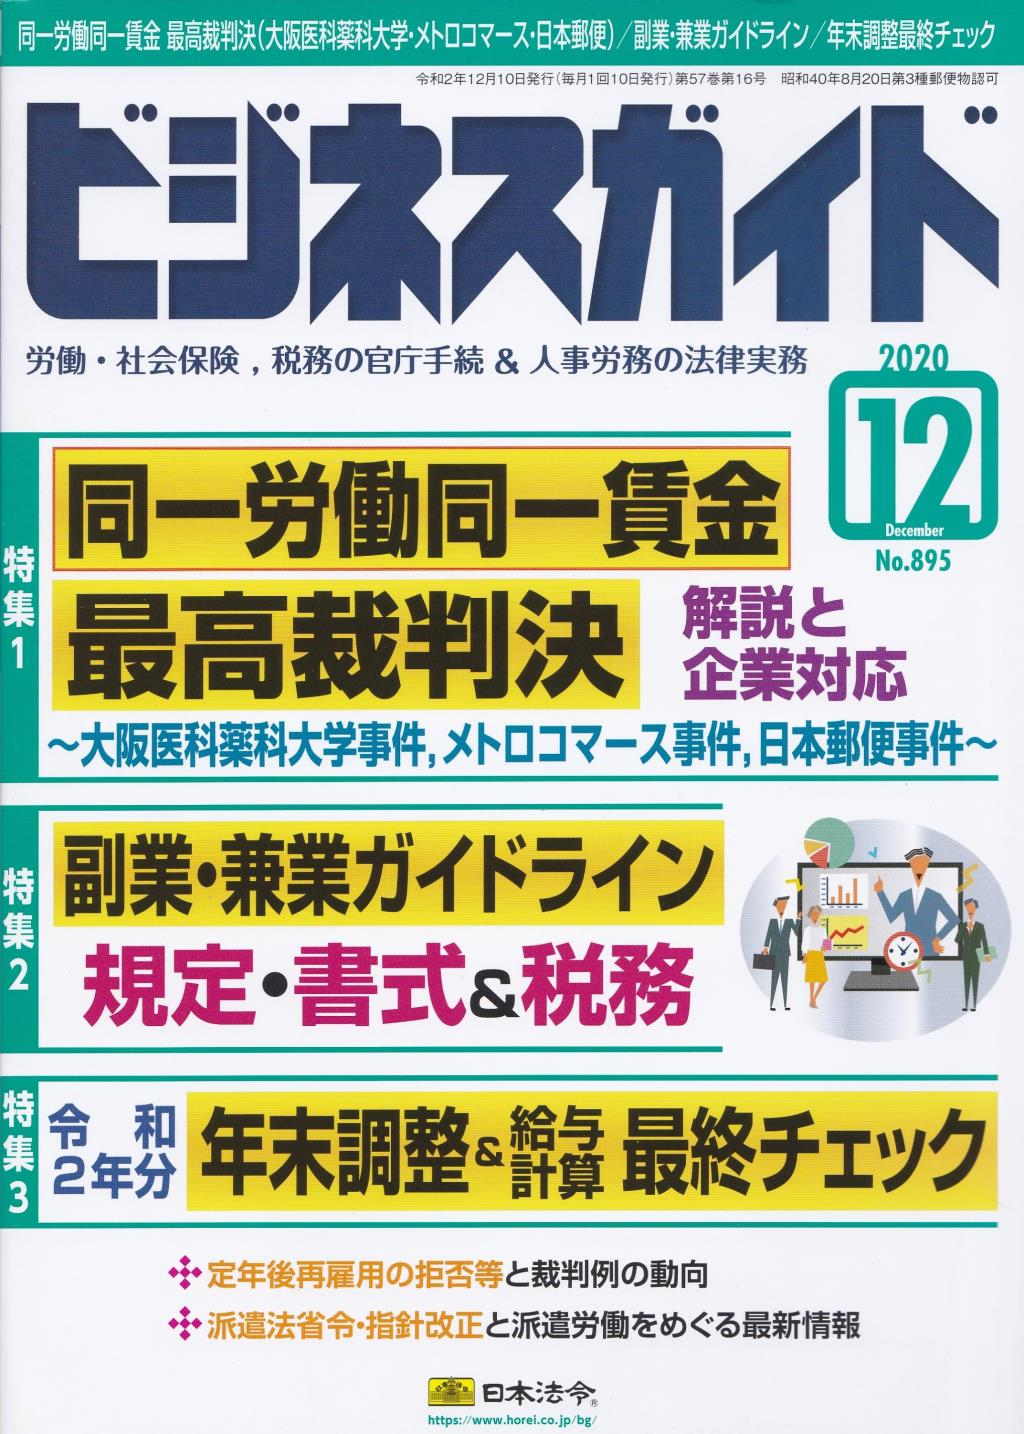 ビジネスガイド(月刊)2020年12月号 通巻第895号